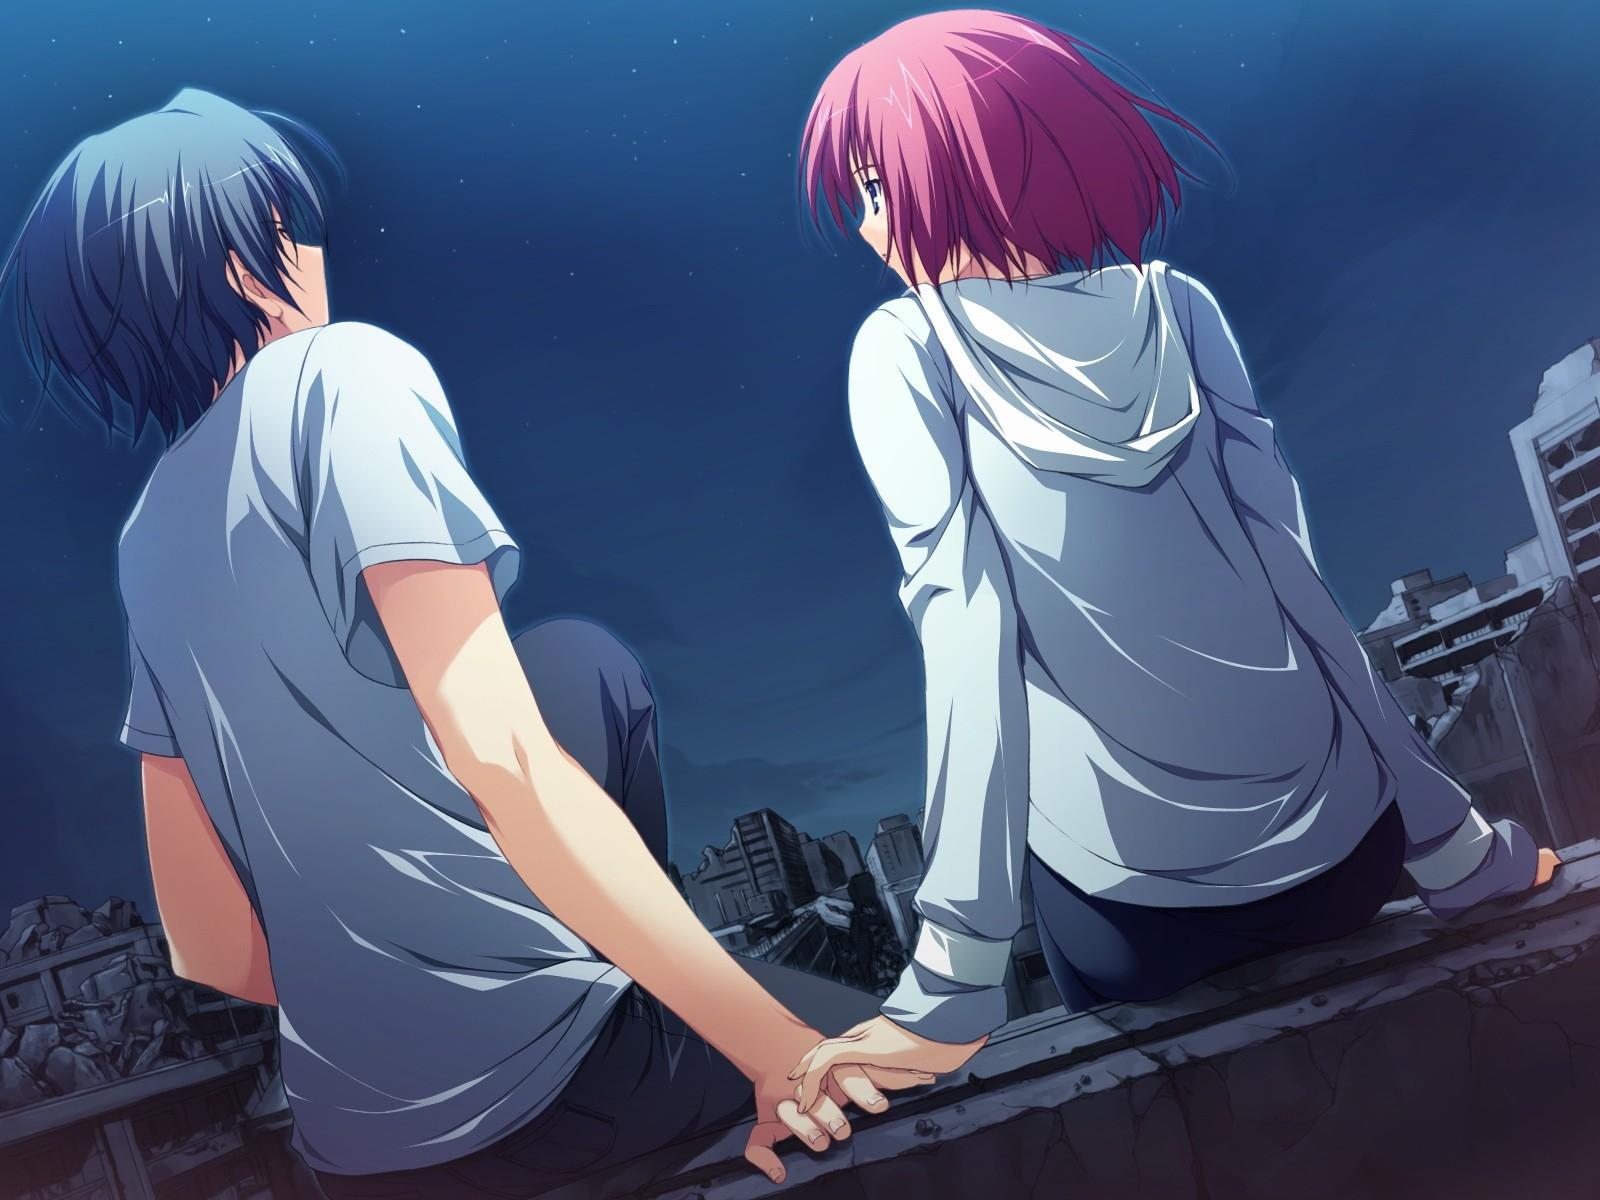 Anime Love Clothing Akatsuki No Goei Tomose Shunsaku Boy Girl Attitude Screenshot Mangaka